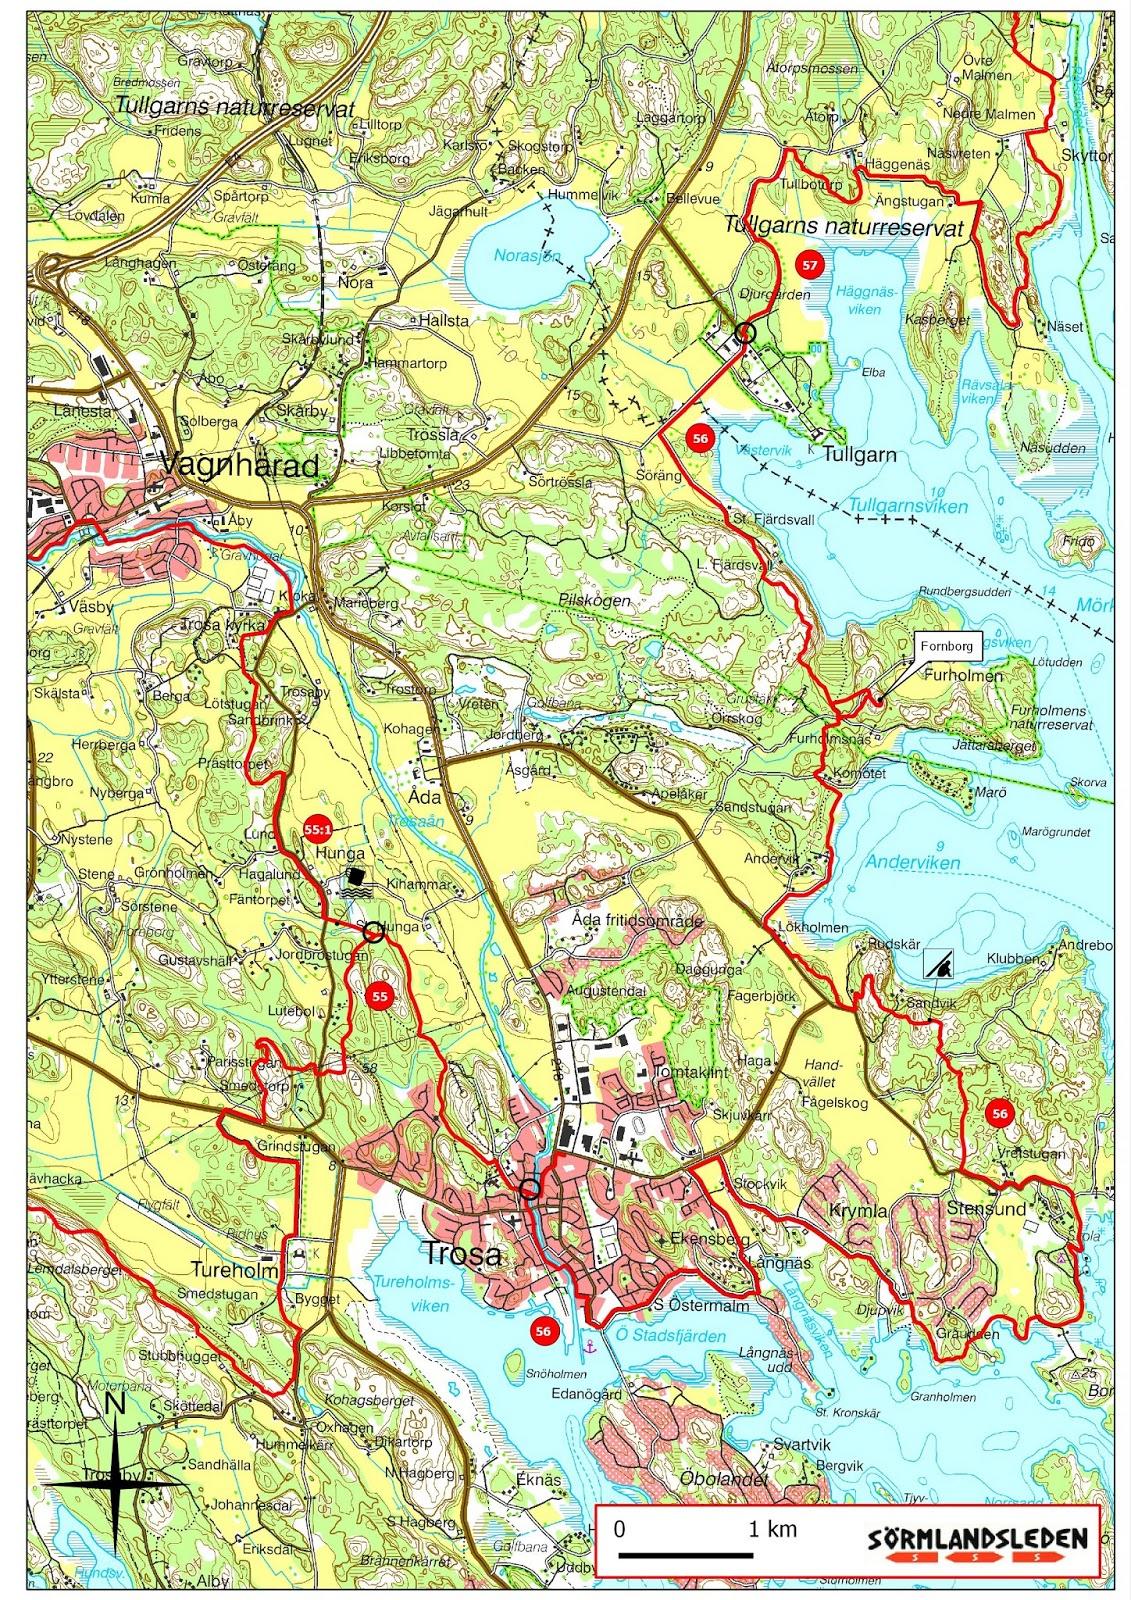 dejtingsidor skåne Umeå